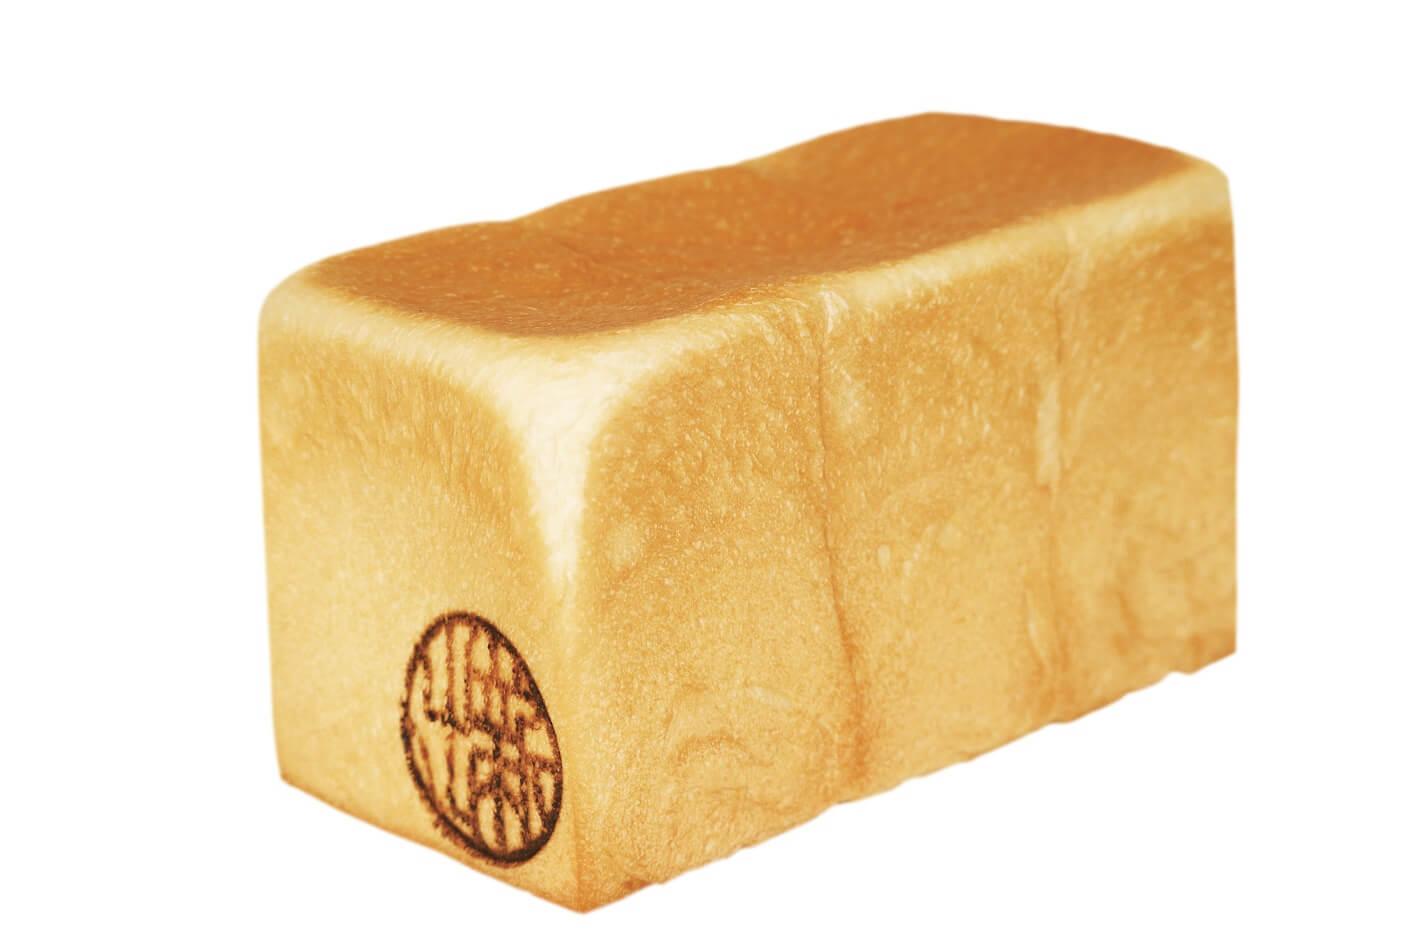 【期間限定】遂に金沢飛び出し東京へ!! 「新出製パン所」のパンを東京でも!!